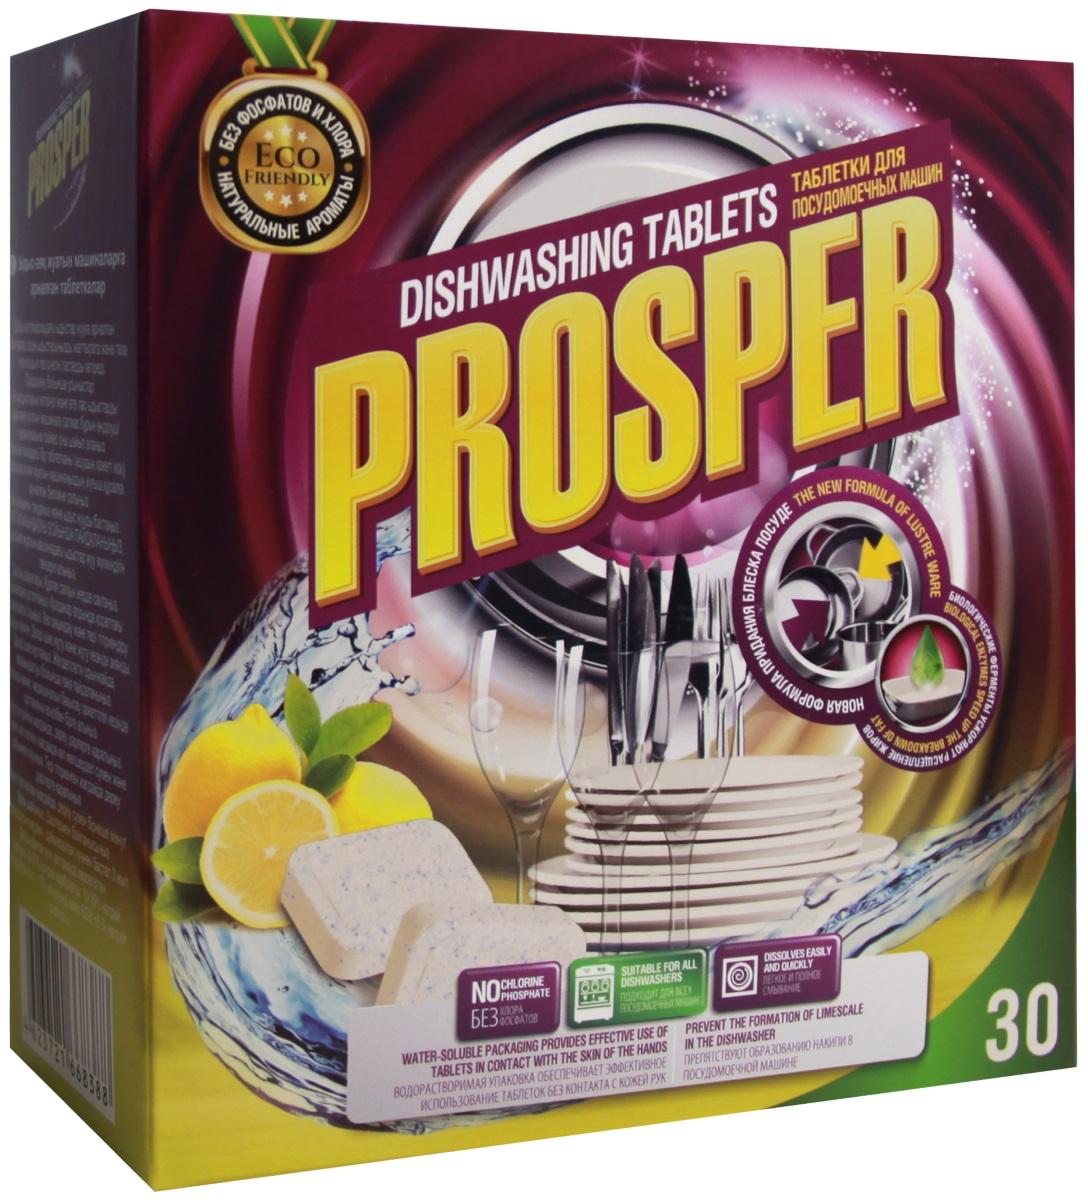 Таблетки для посудомоечных машин PROSPER, с ароматом лимона, 600 г6.295-875.0- Высокая очищающая способность против жирных и засохщих пятен.- Эффективно удаляют неприятные запахи.- Придают посуде ослепительный блеск.- Входящий в состав таблеток ополаскиватель не оставляет на посуде разводов и известковых пятен.- НЕ СОДЕРЖАТ фосфатов и хлора, не вызывают аллергии и раздражения, безопасны для окружающей среды.- Удобная упаковка: каждая таблетка в отдельной растворимой упаковке.- Эффективны при использовании в жесткой воде.- Предотвращают образование накипи.